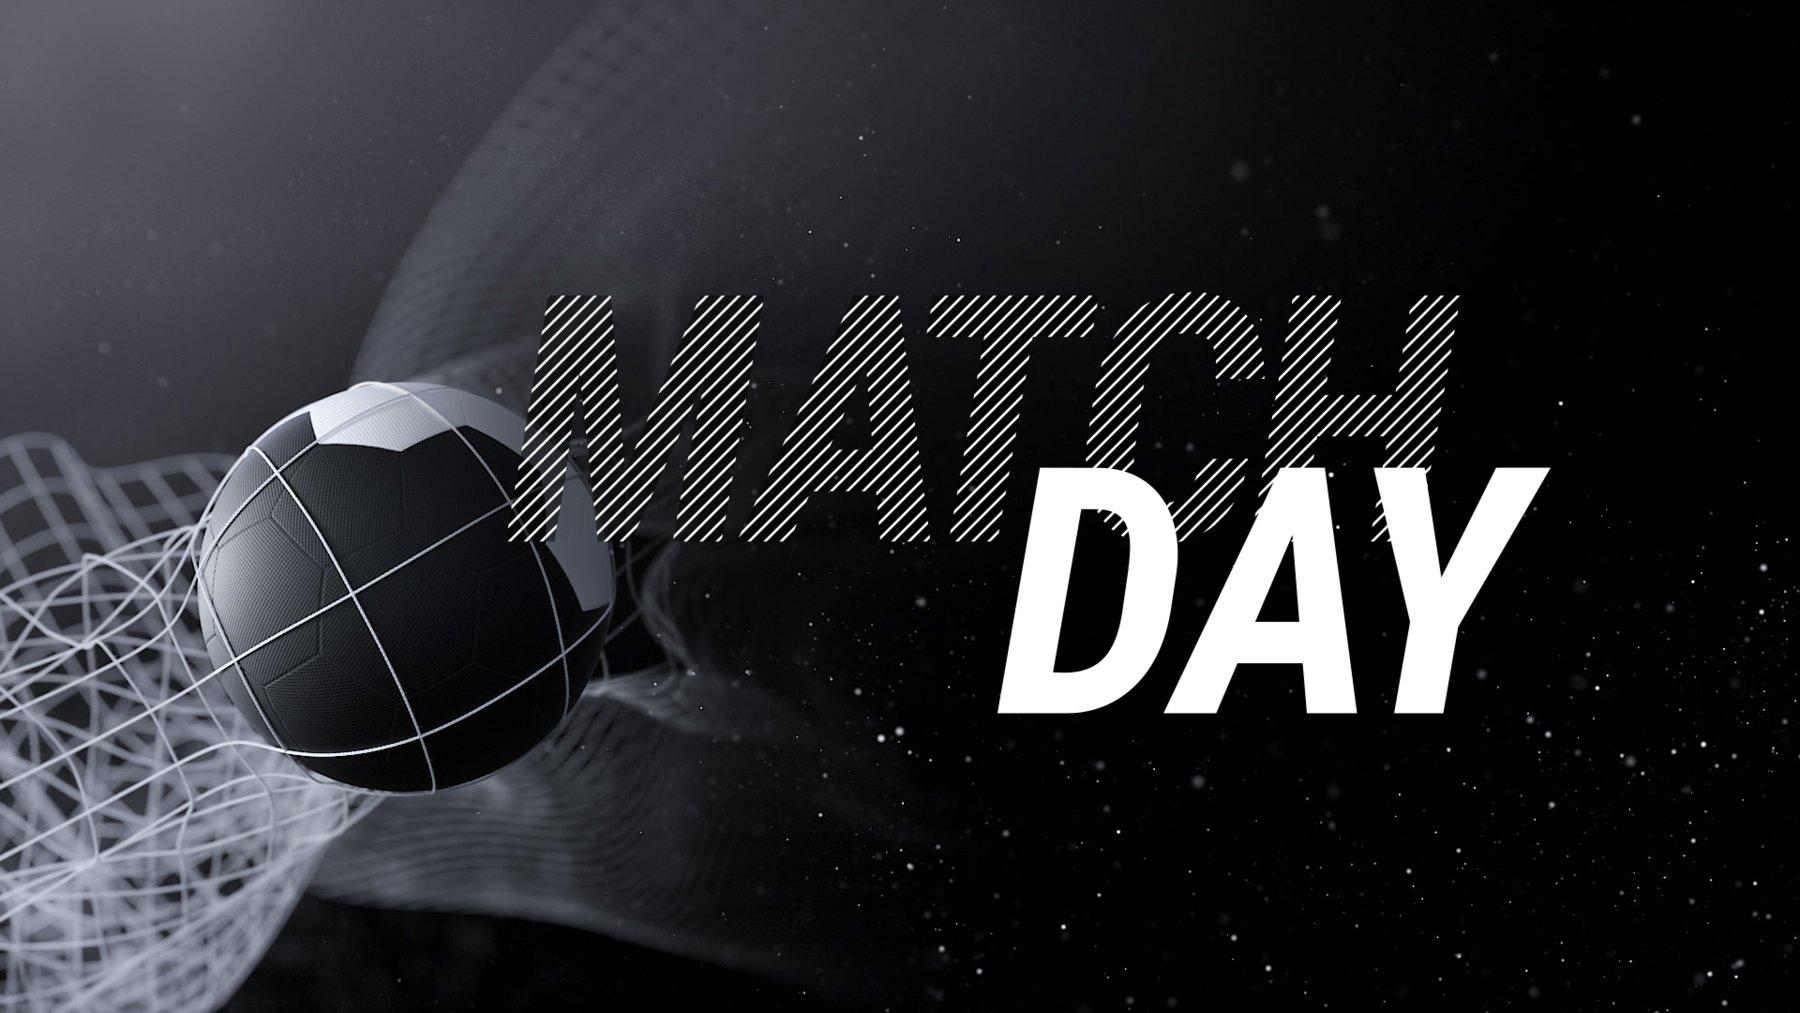 Matchday - Die Spieltagsshow